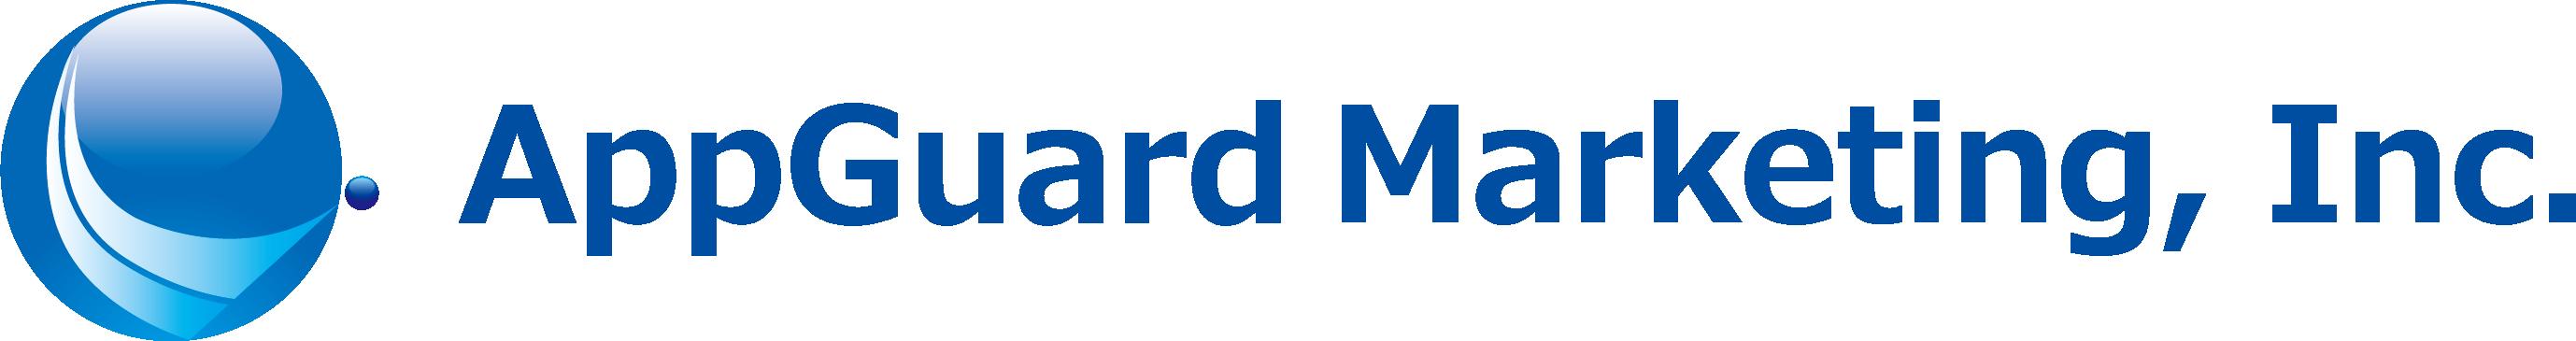 株式会社AppGuard Marketing(アップガード マーケティング)